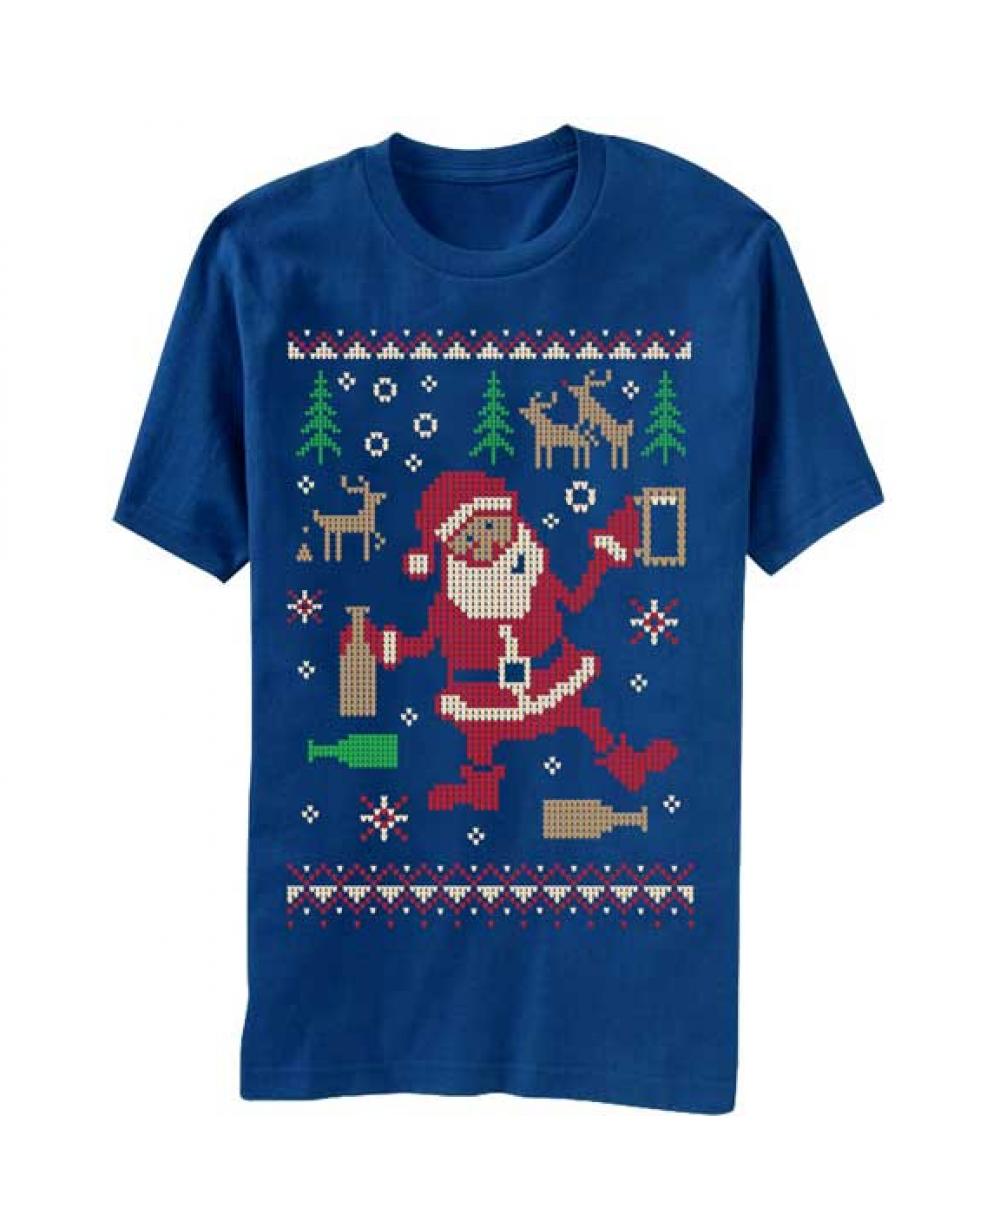 More Views. Drunk Santa Ugly Christmas Sweater T-Shirt